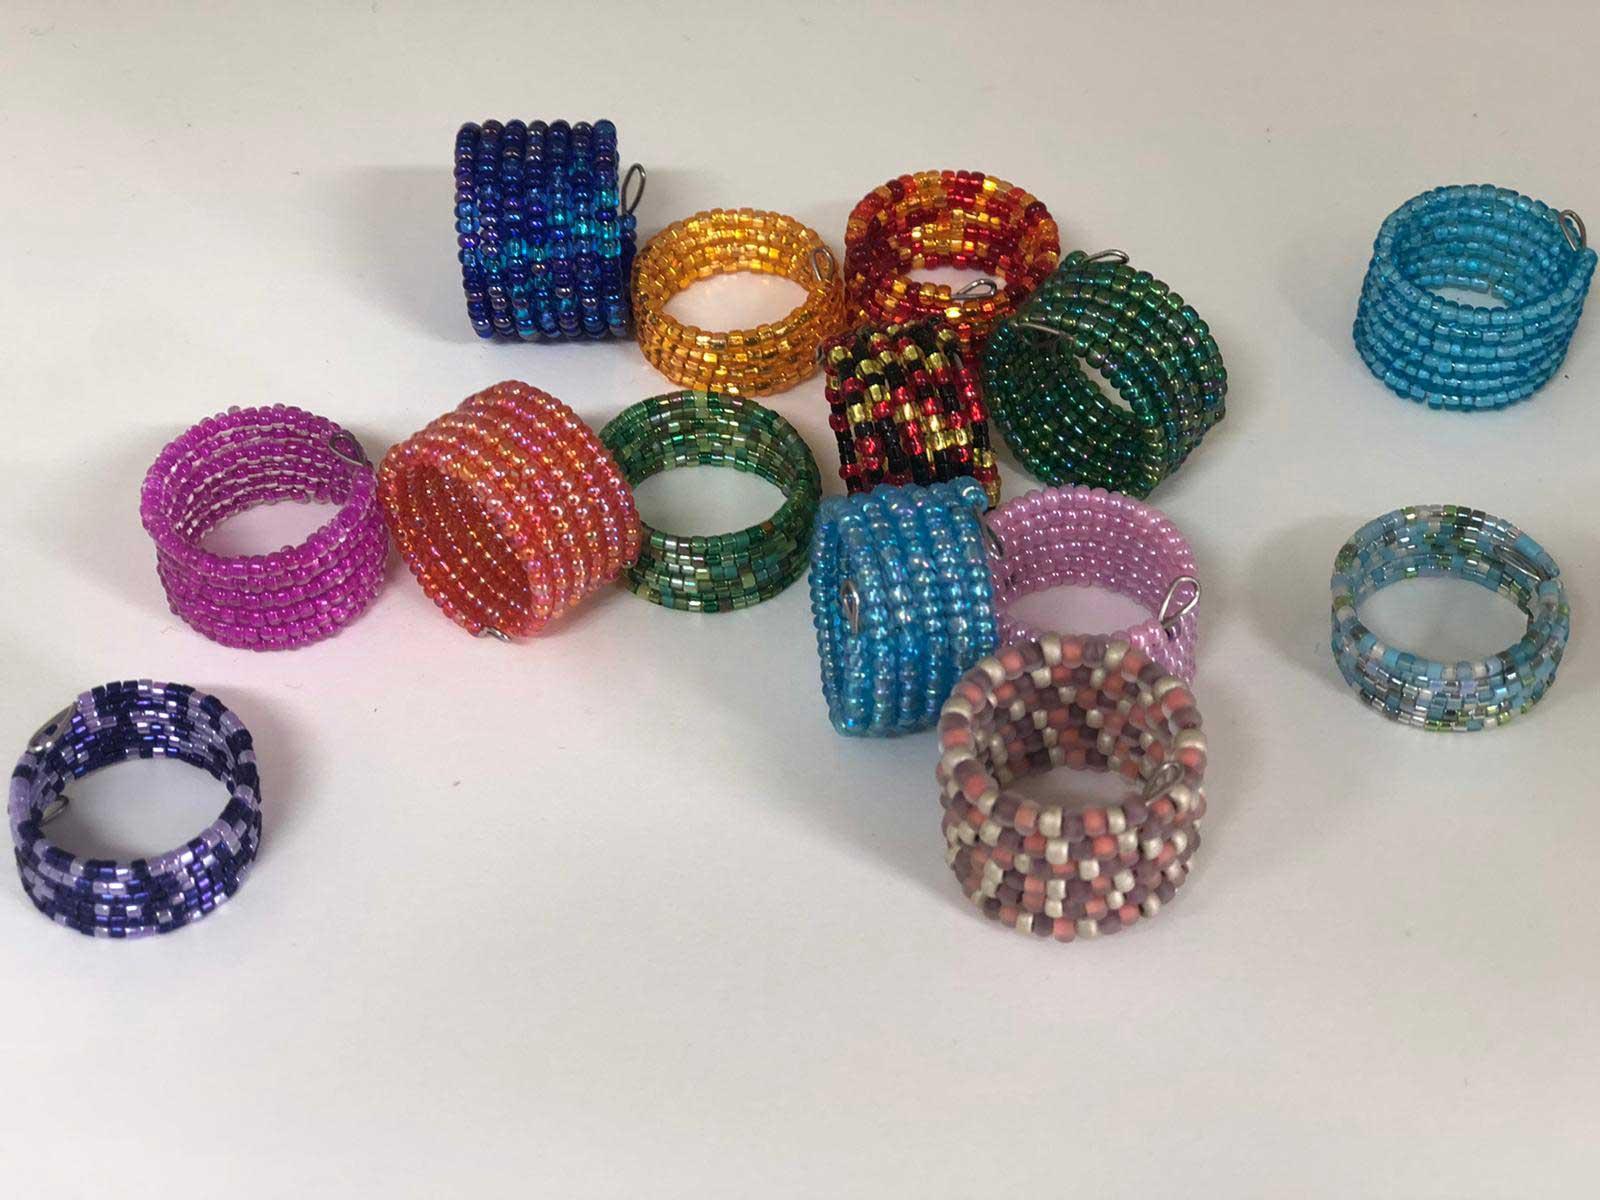 Perlenringe in verschiedenen Farben